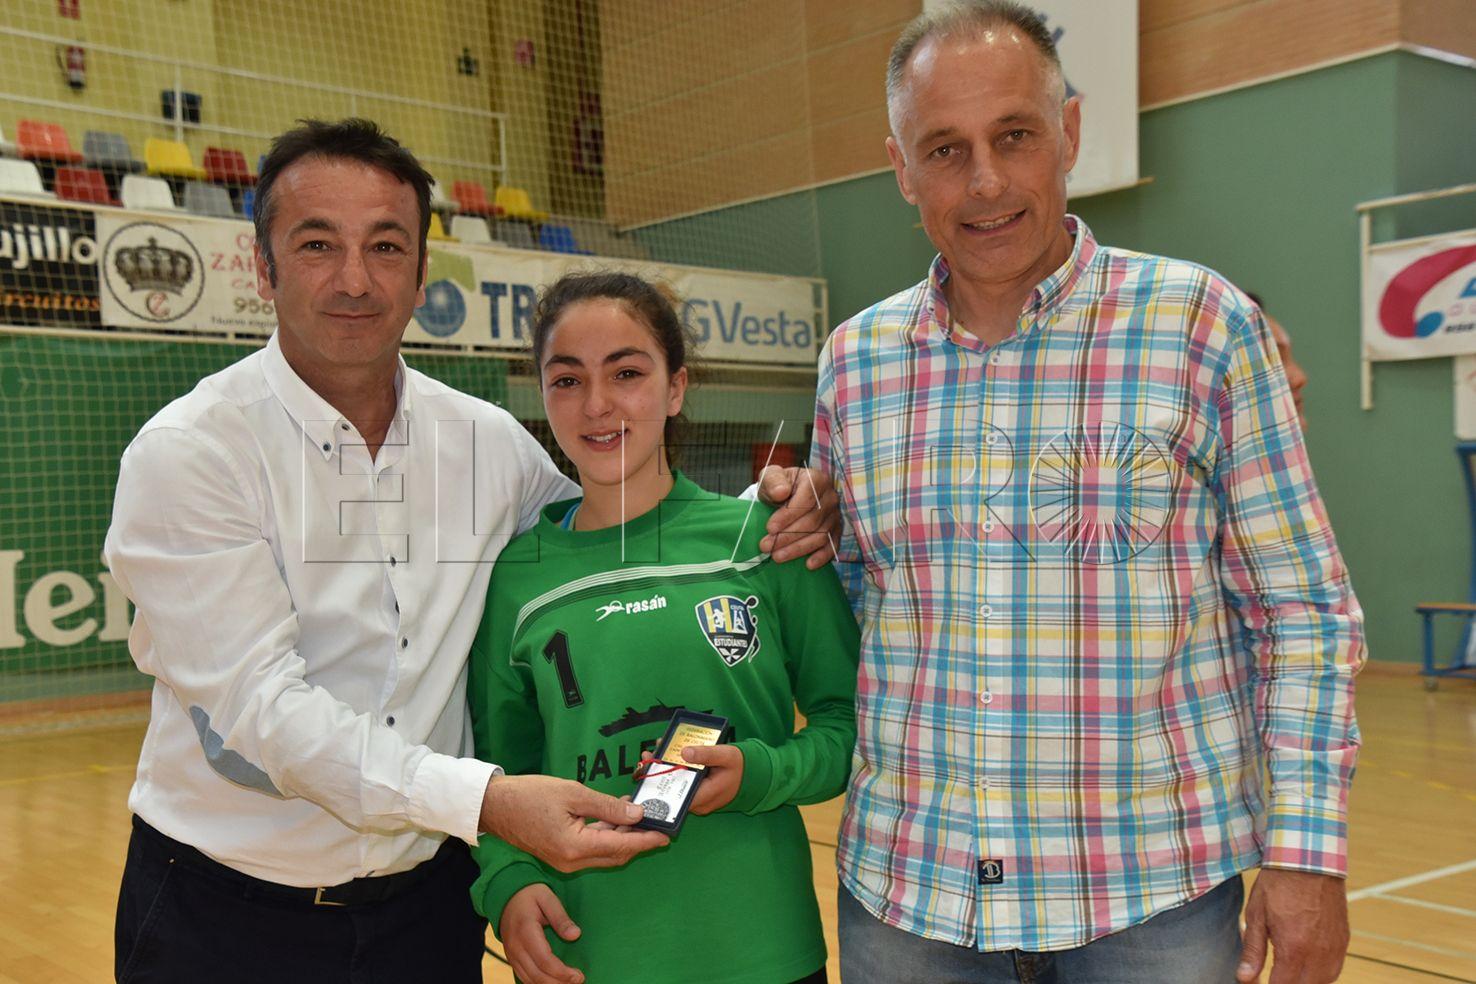 Zeineb sostiene al equipo